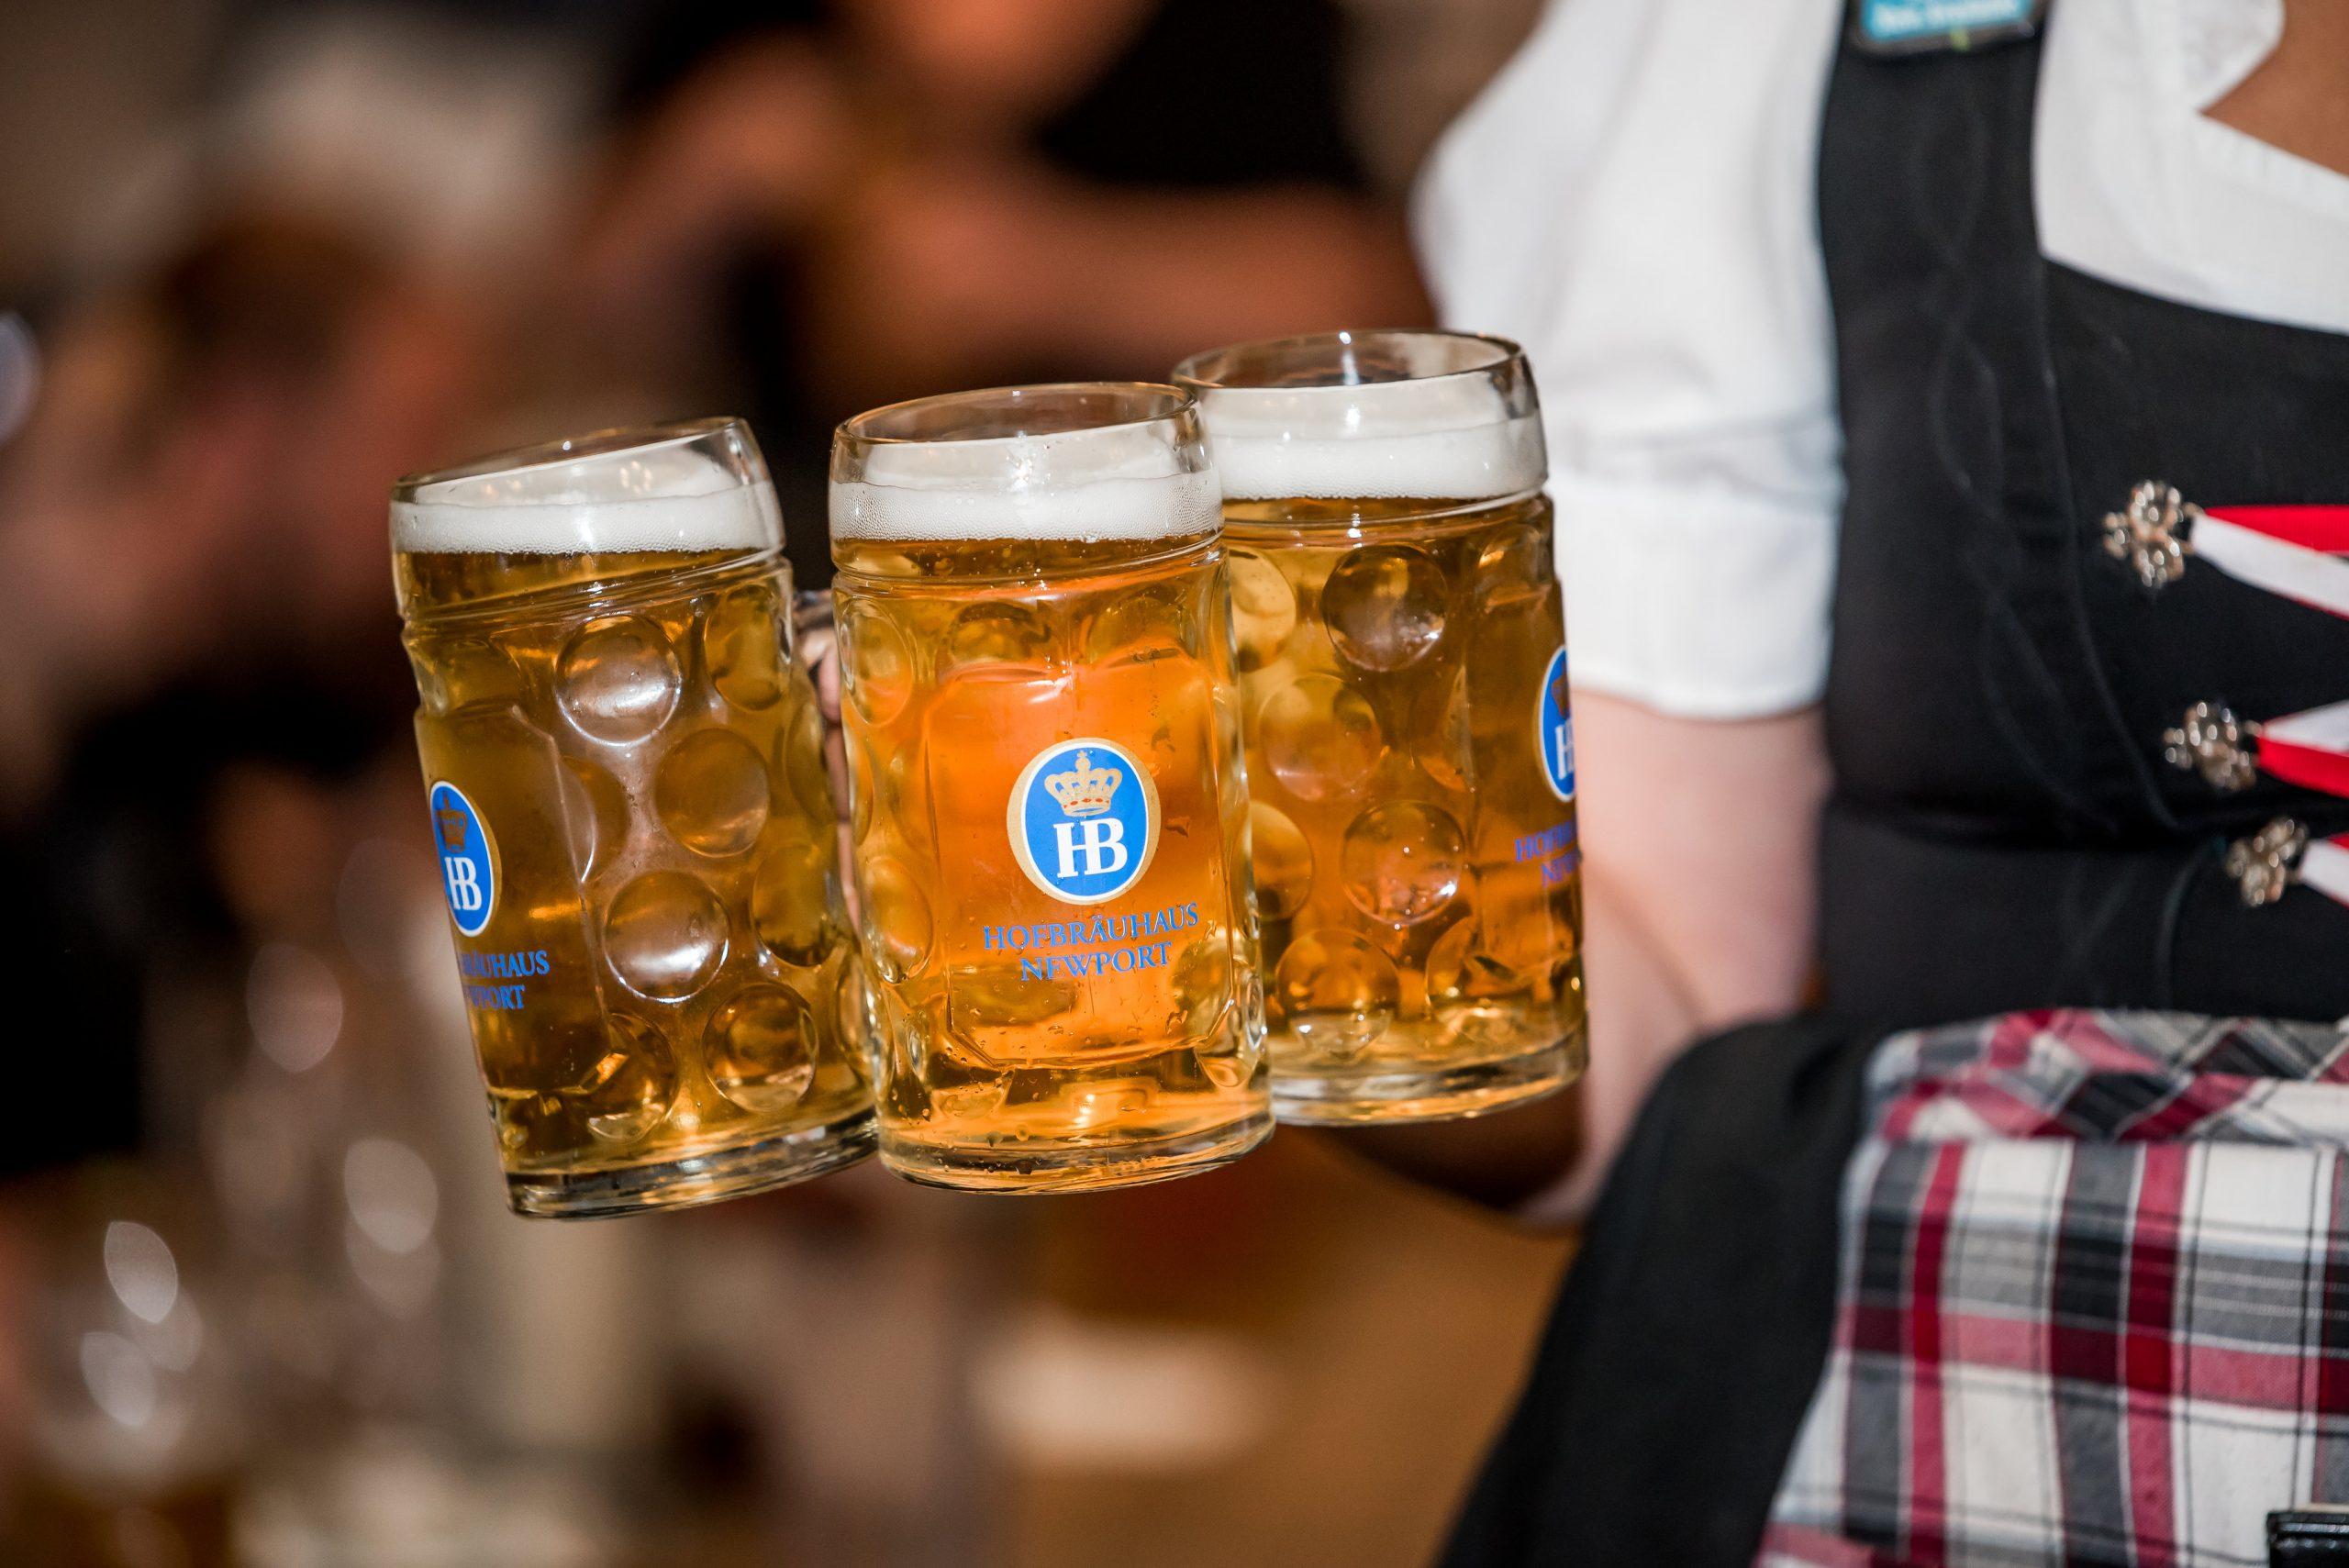 3 Authentic German Beer Steins carried by waitress in Cincinnati brewery